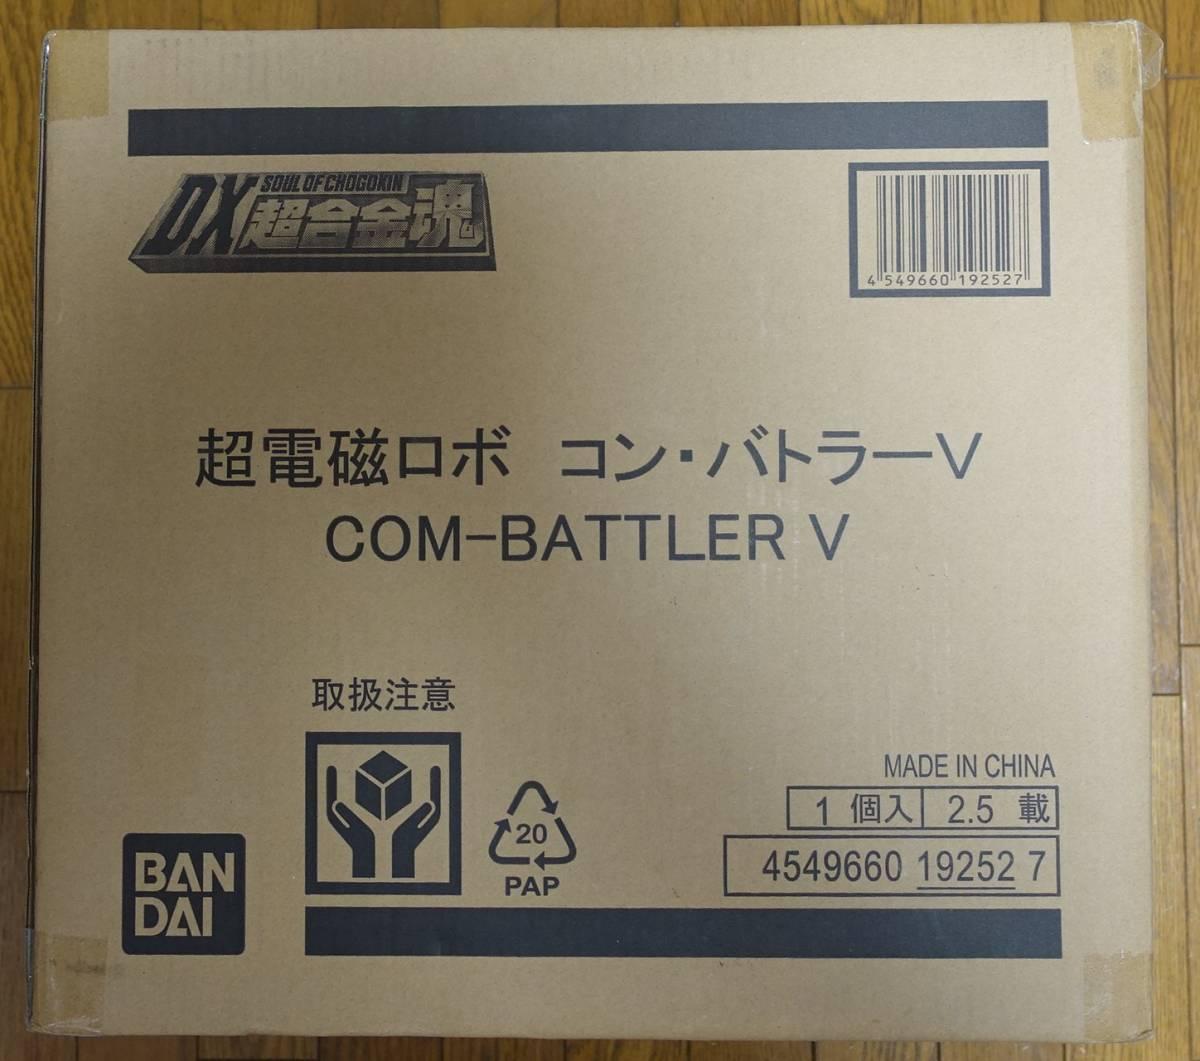 バンダイ DX超合金魂 超電磁ロボ コン・バトラーV 未開封